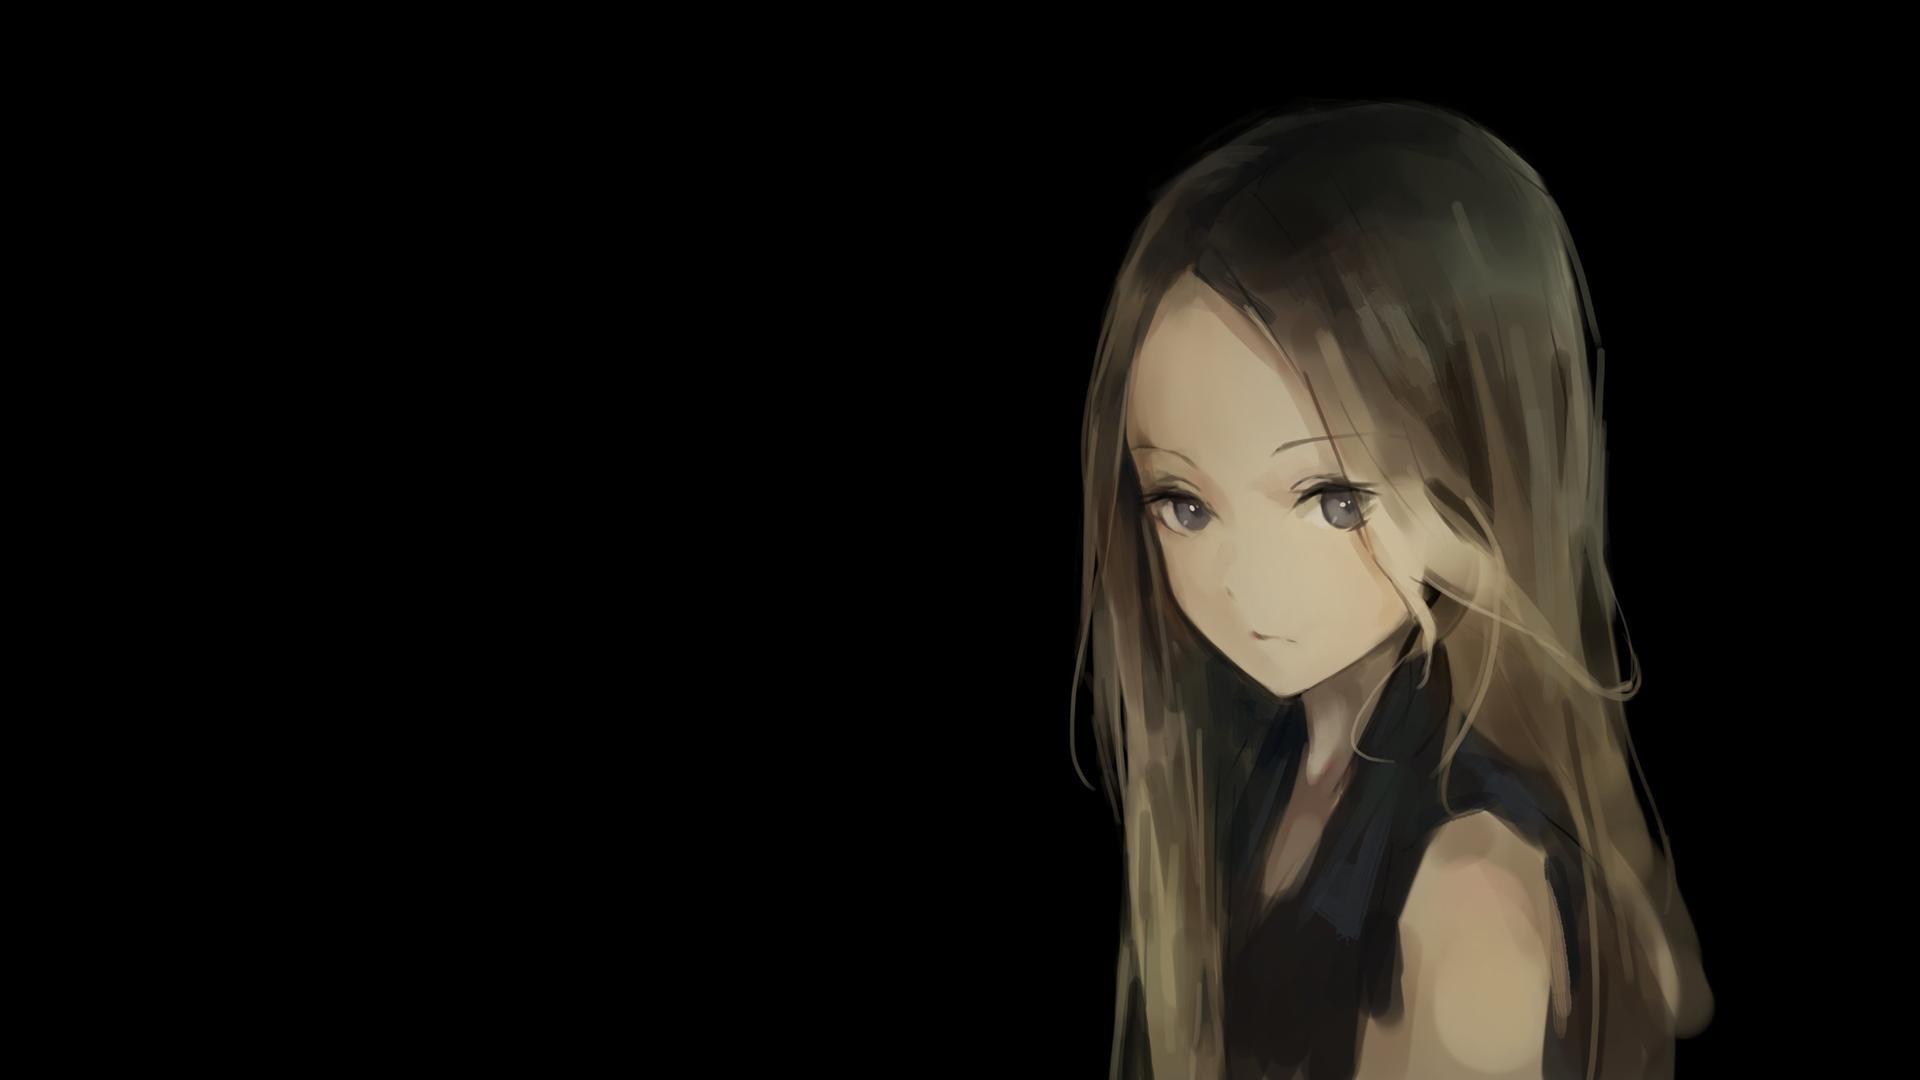 Anime Manga Anime Girls Simple Background Minimalism Blonde Black Background